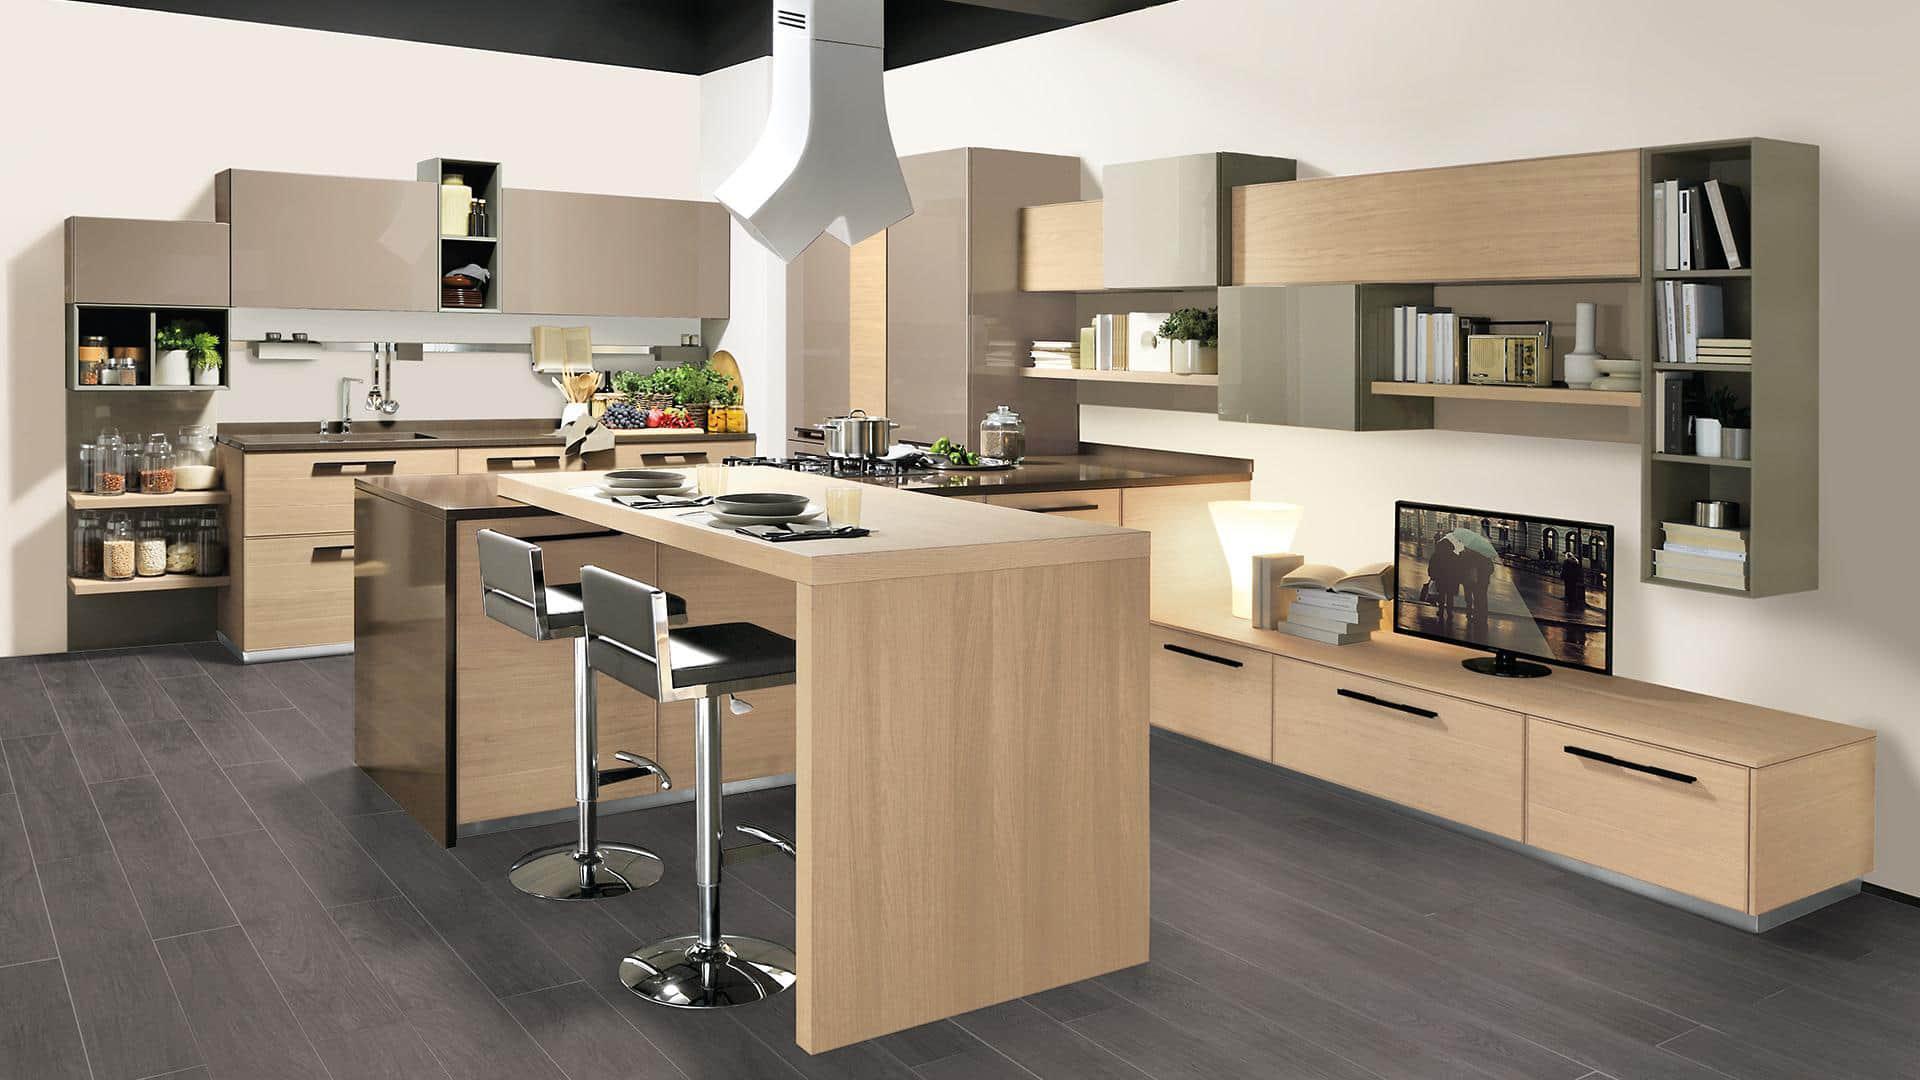 Cucine moderne con penisola padova for Cucina moderna in ciliegio